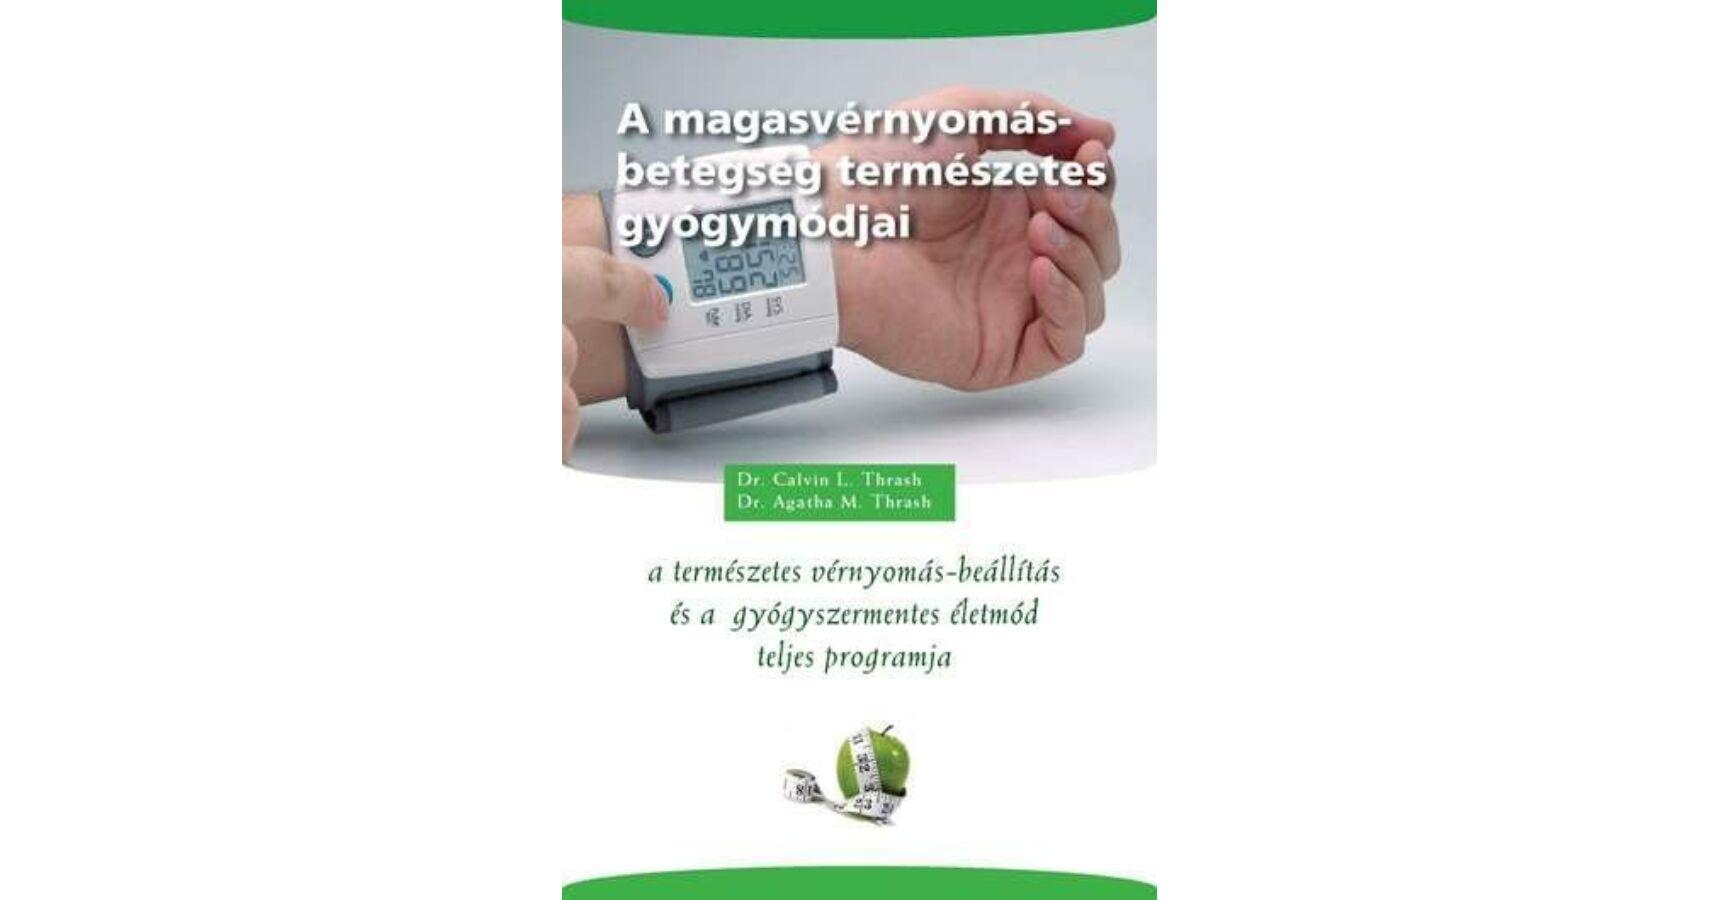 nyárfa magas vérnyomásban az aloe alkalmazása magas vérnyomás esetén